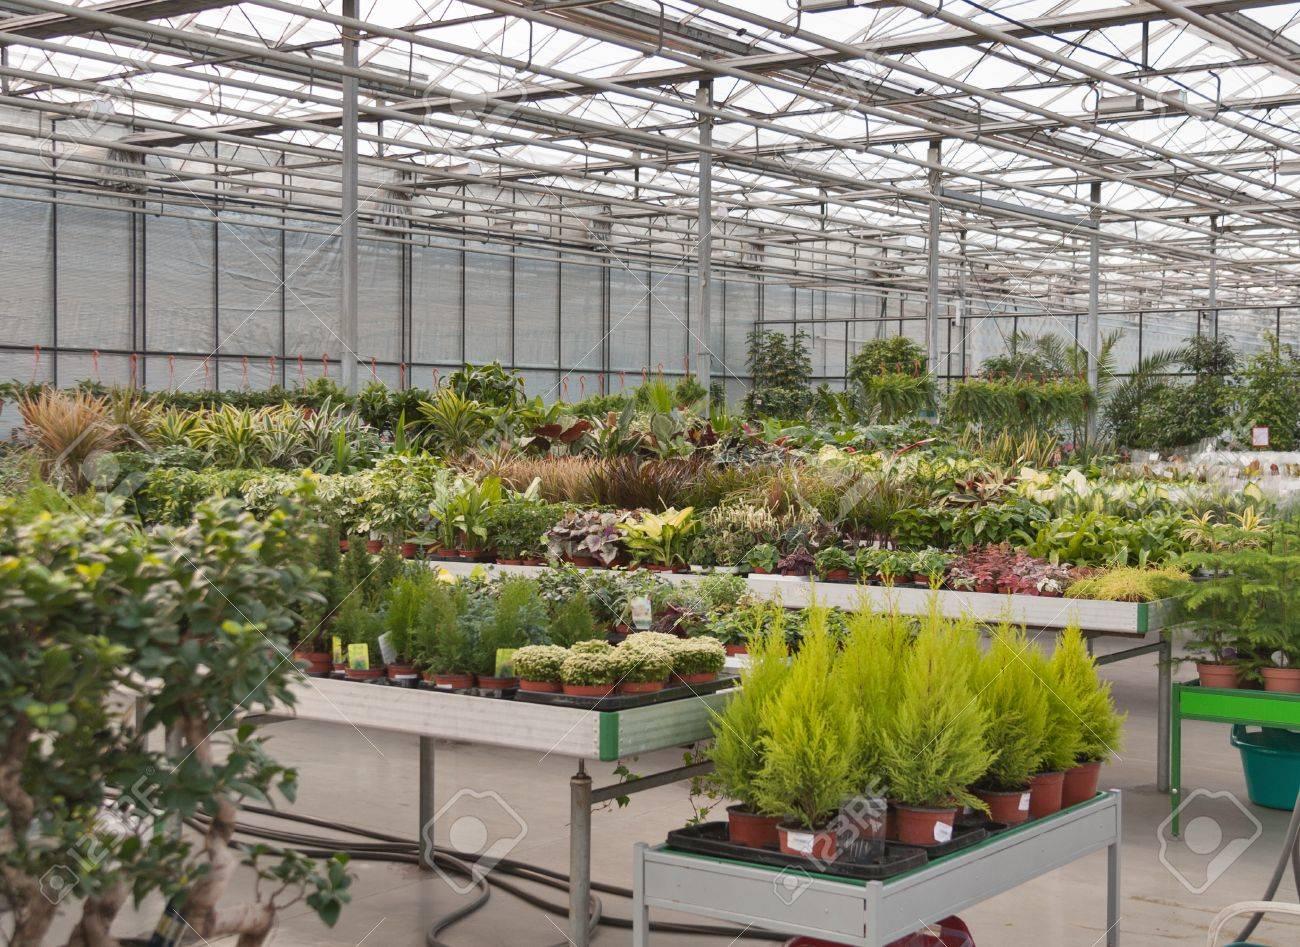 Intérieur Du Magasin Pour La Culture En Serre Et La Vente De Plantes ...